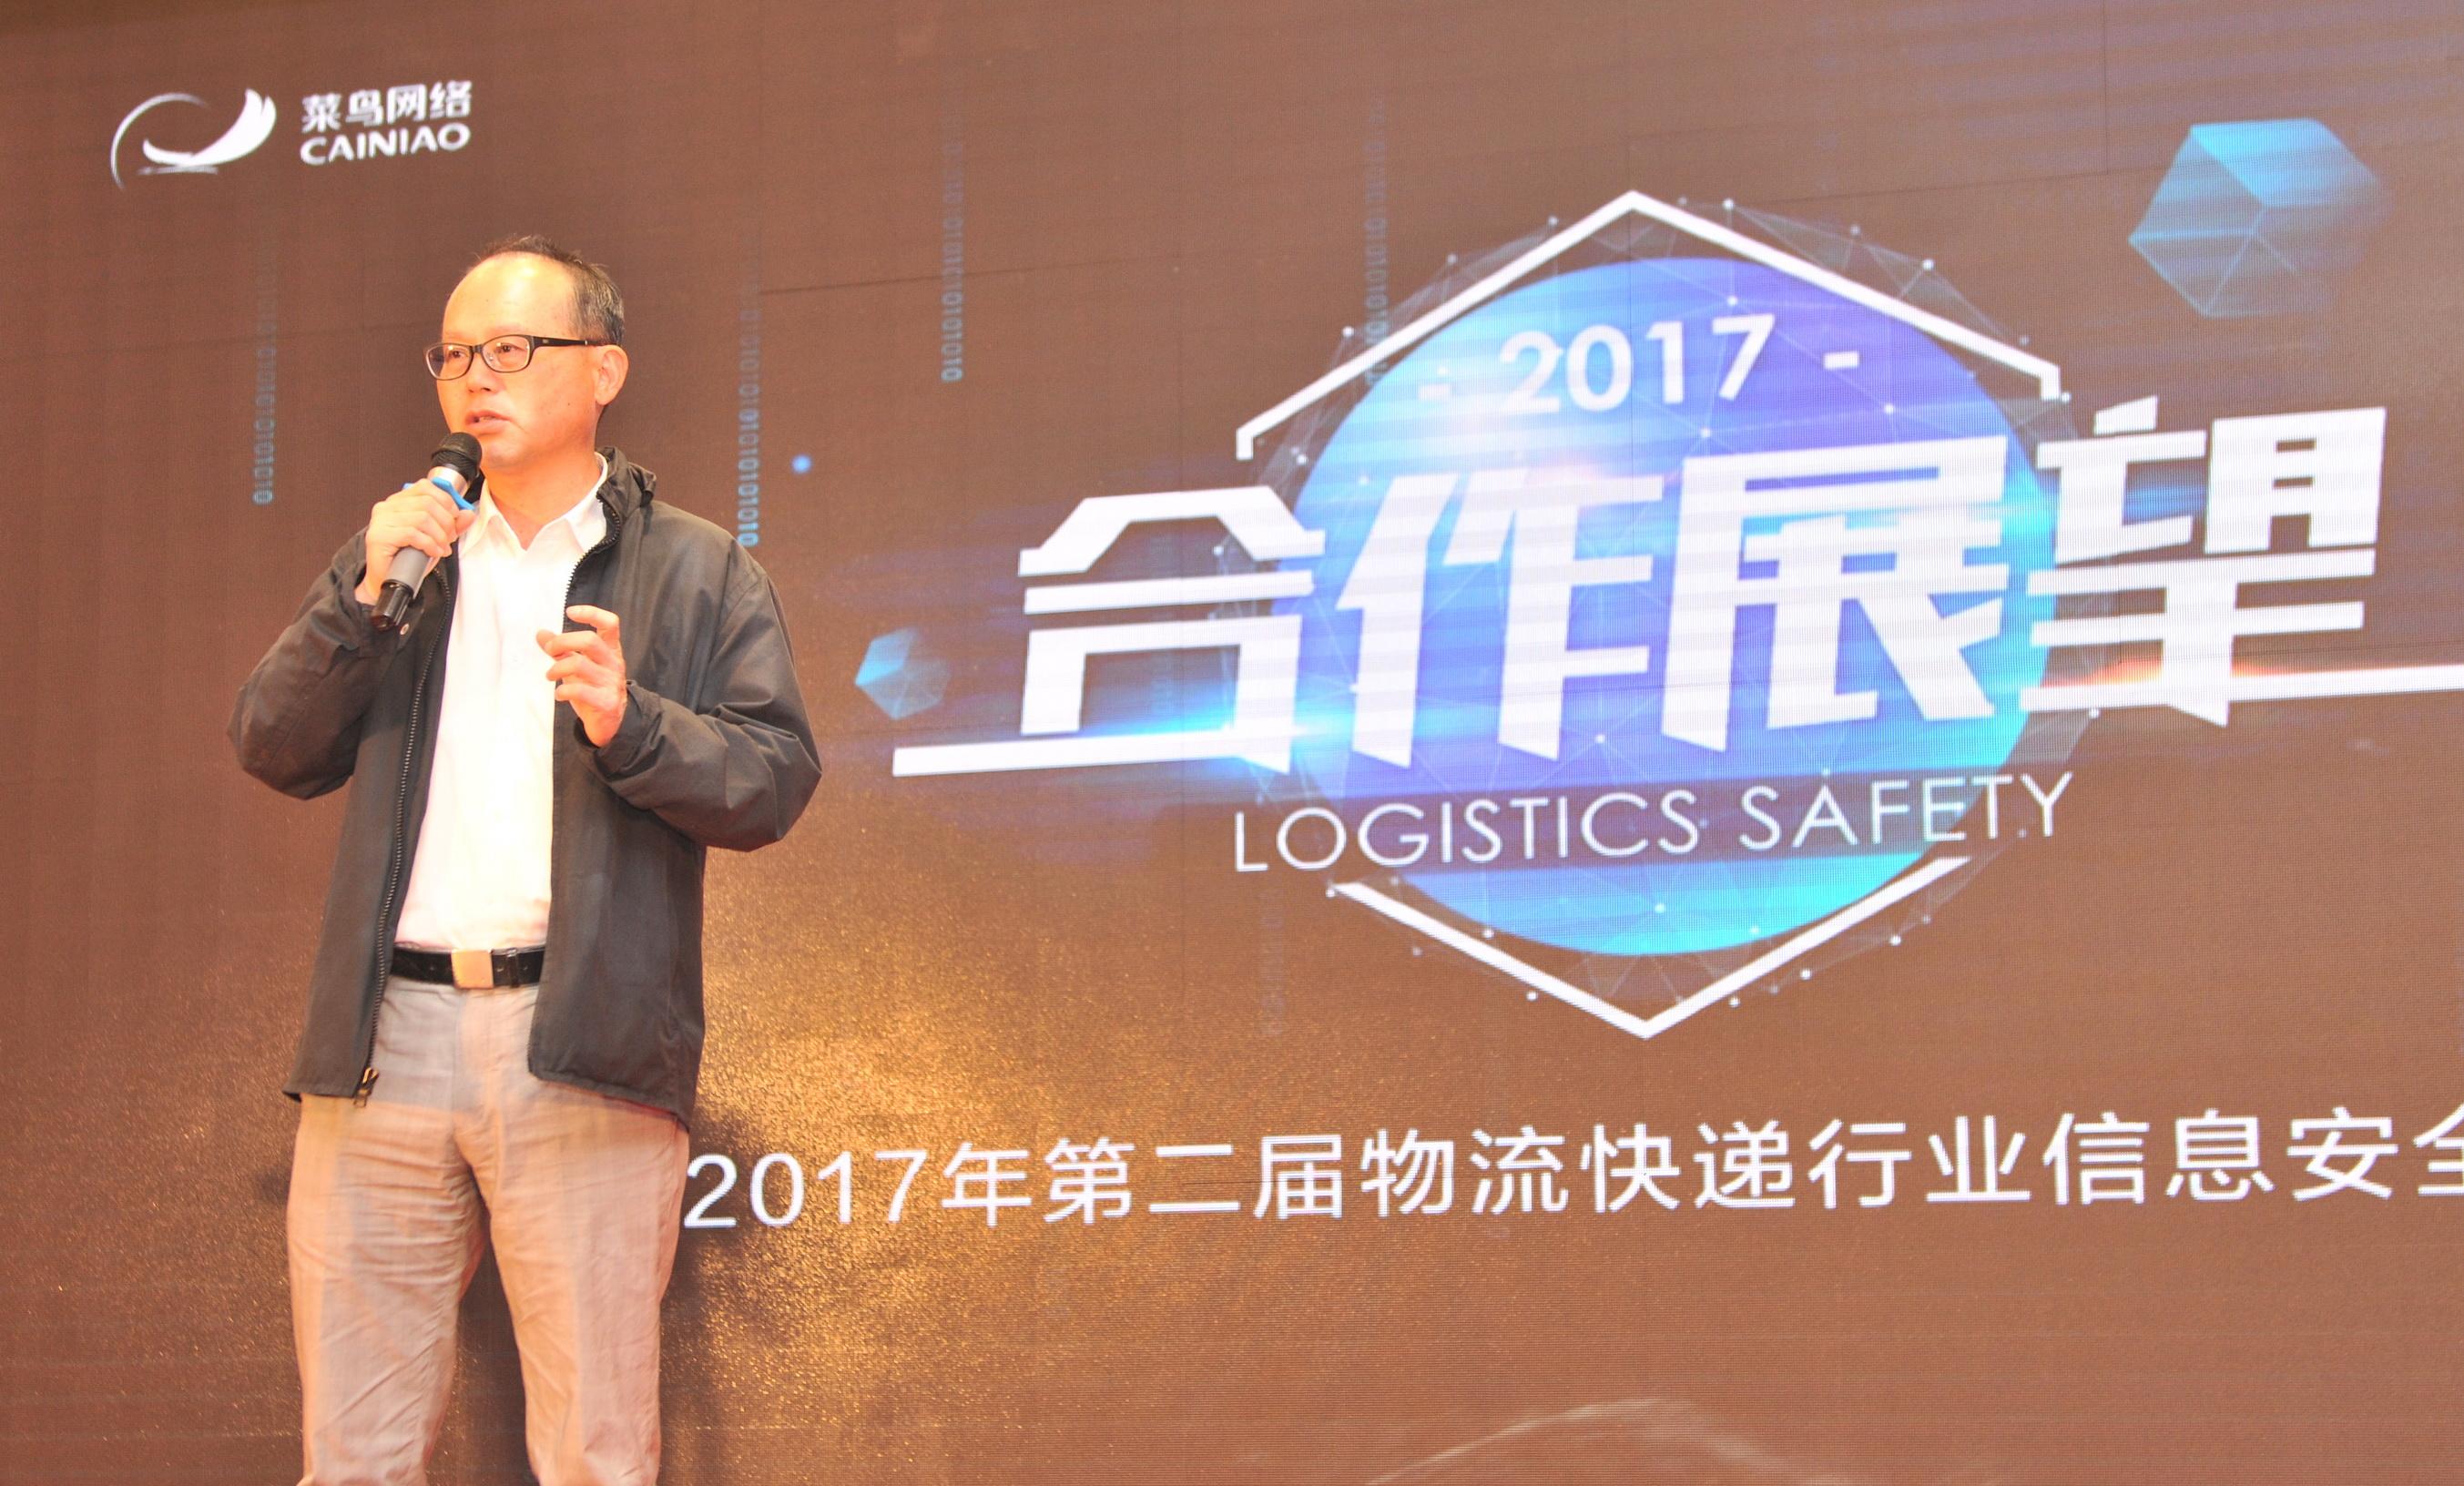 菜鸟CTO王文彬:物流云是个人信息保护的最佳方案